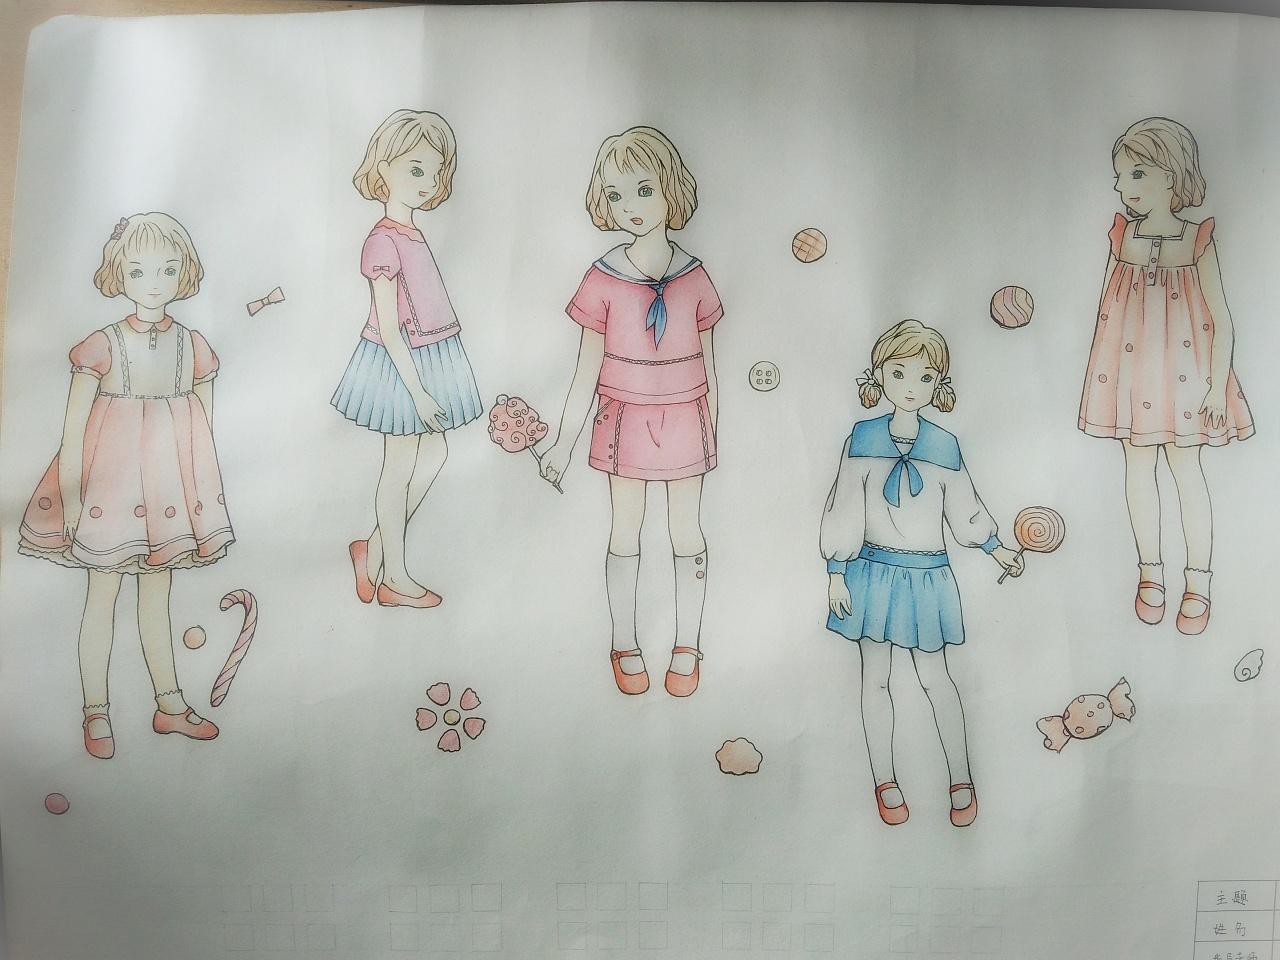 可爱型童装手绘效果图